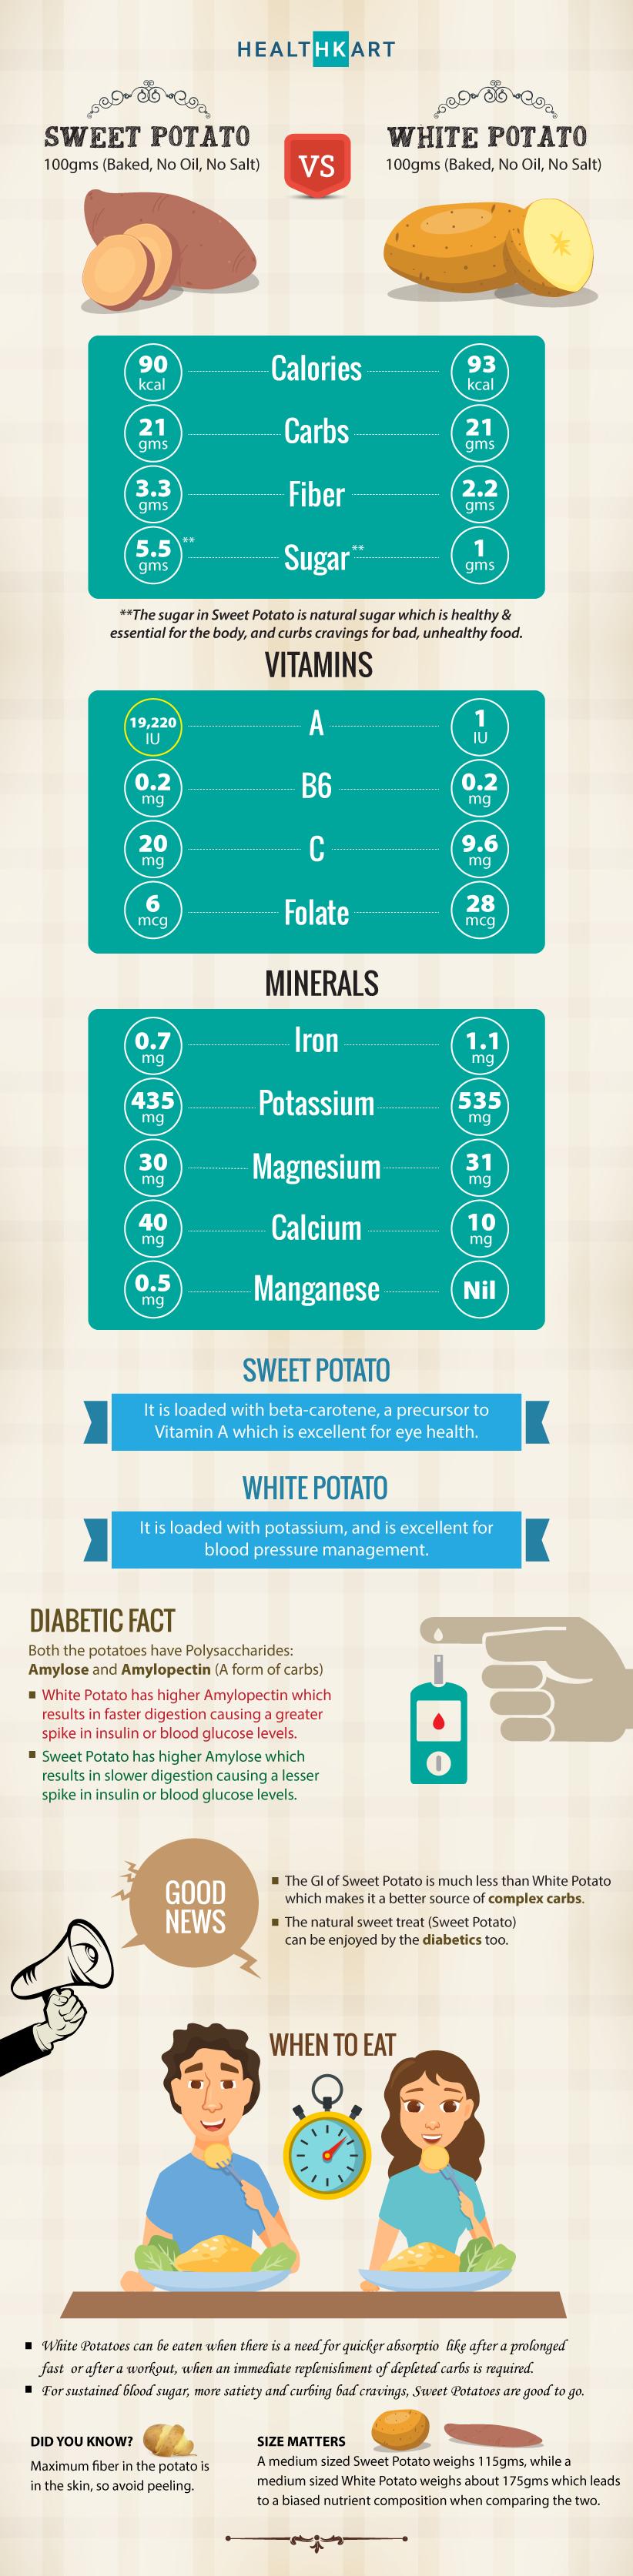 White Potato Vs Sweet Potato: Which Is Healthier?